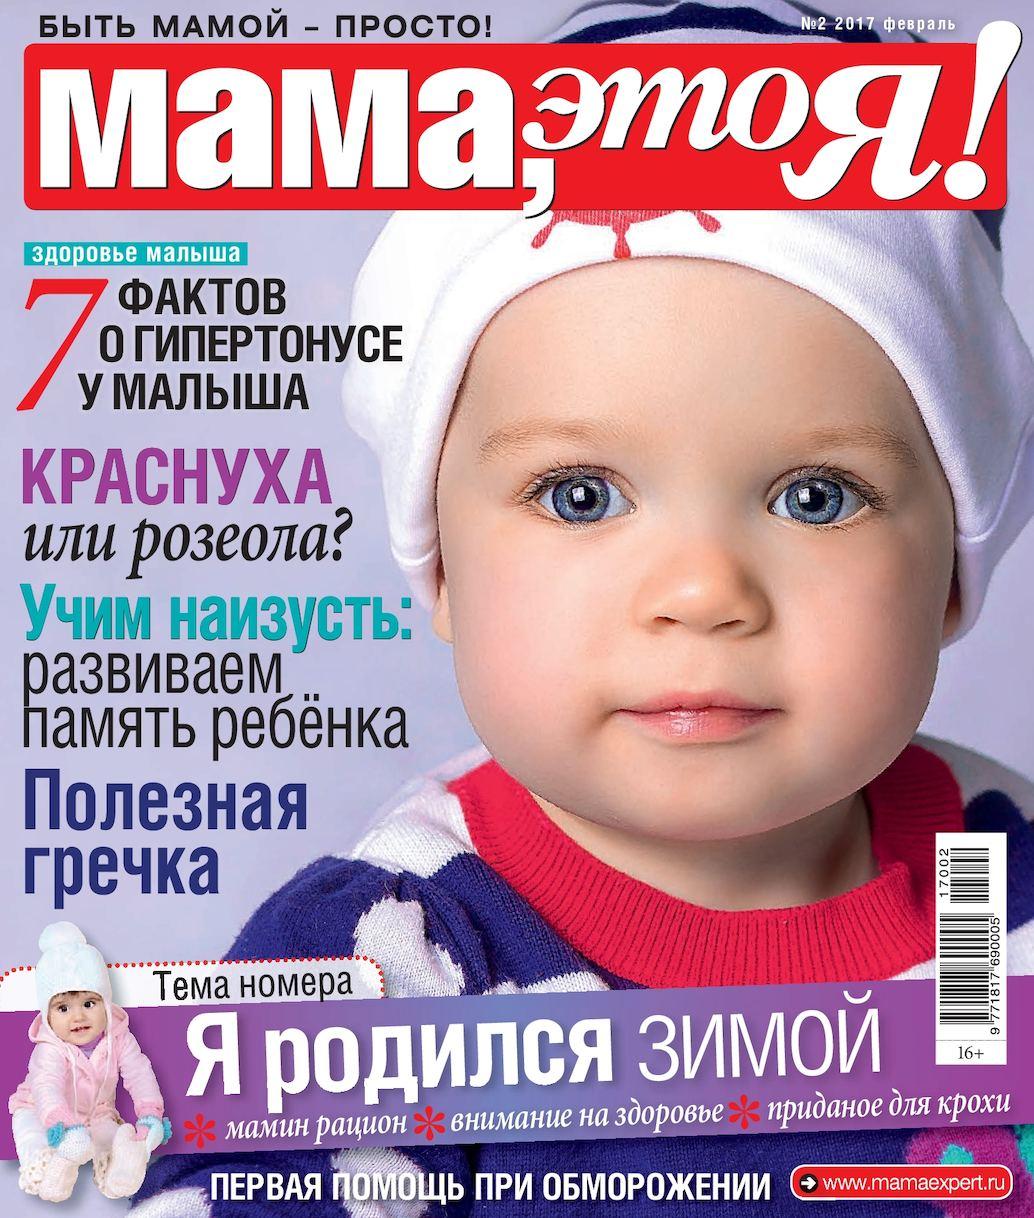 Белые прыщики на лице новорожденного – опасны ли милии, заразны ли, и как лечить